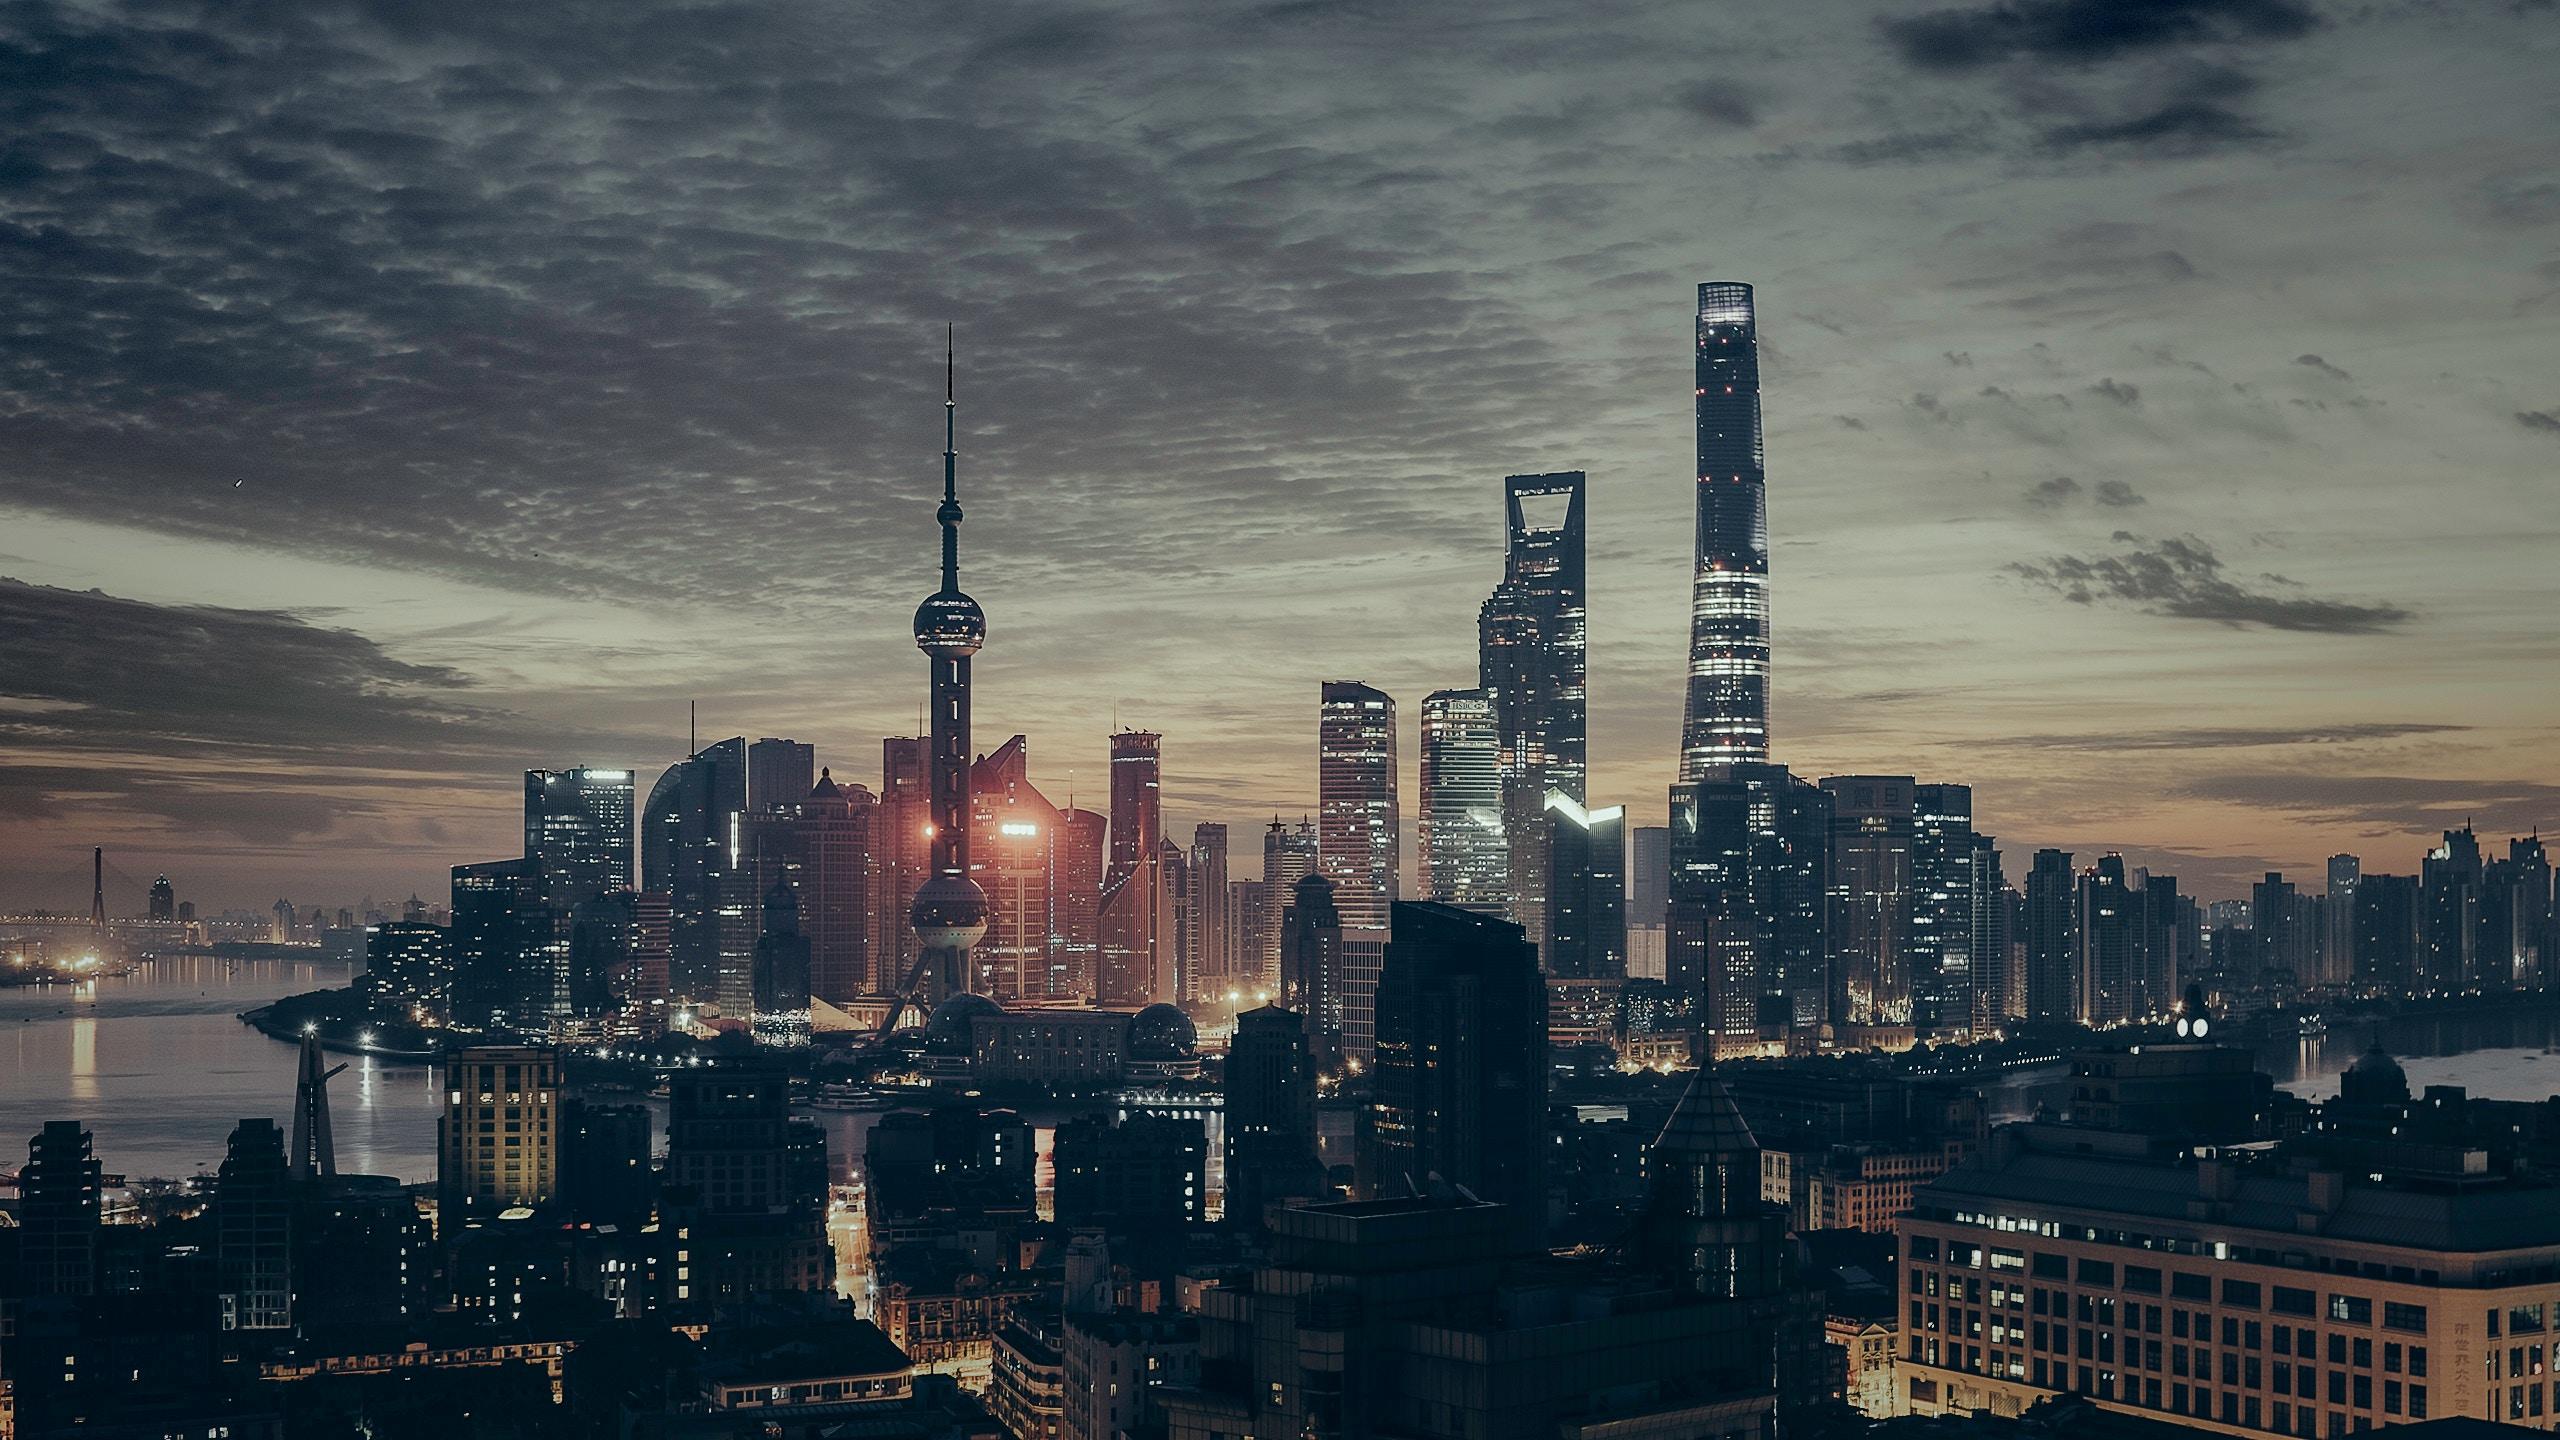 Shanghai_skyline_unsplash.jpg